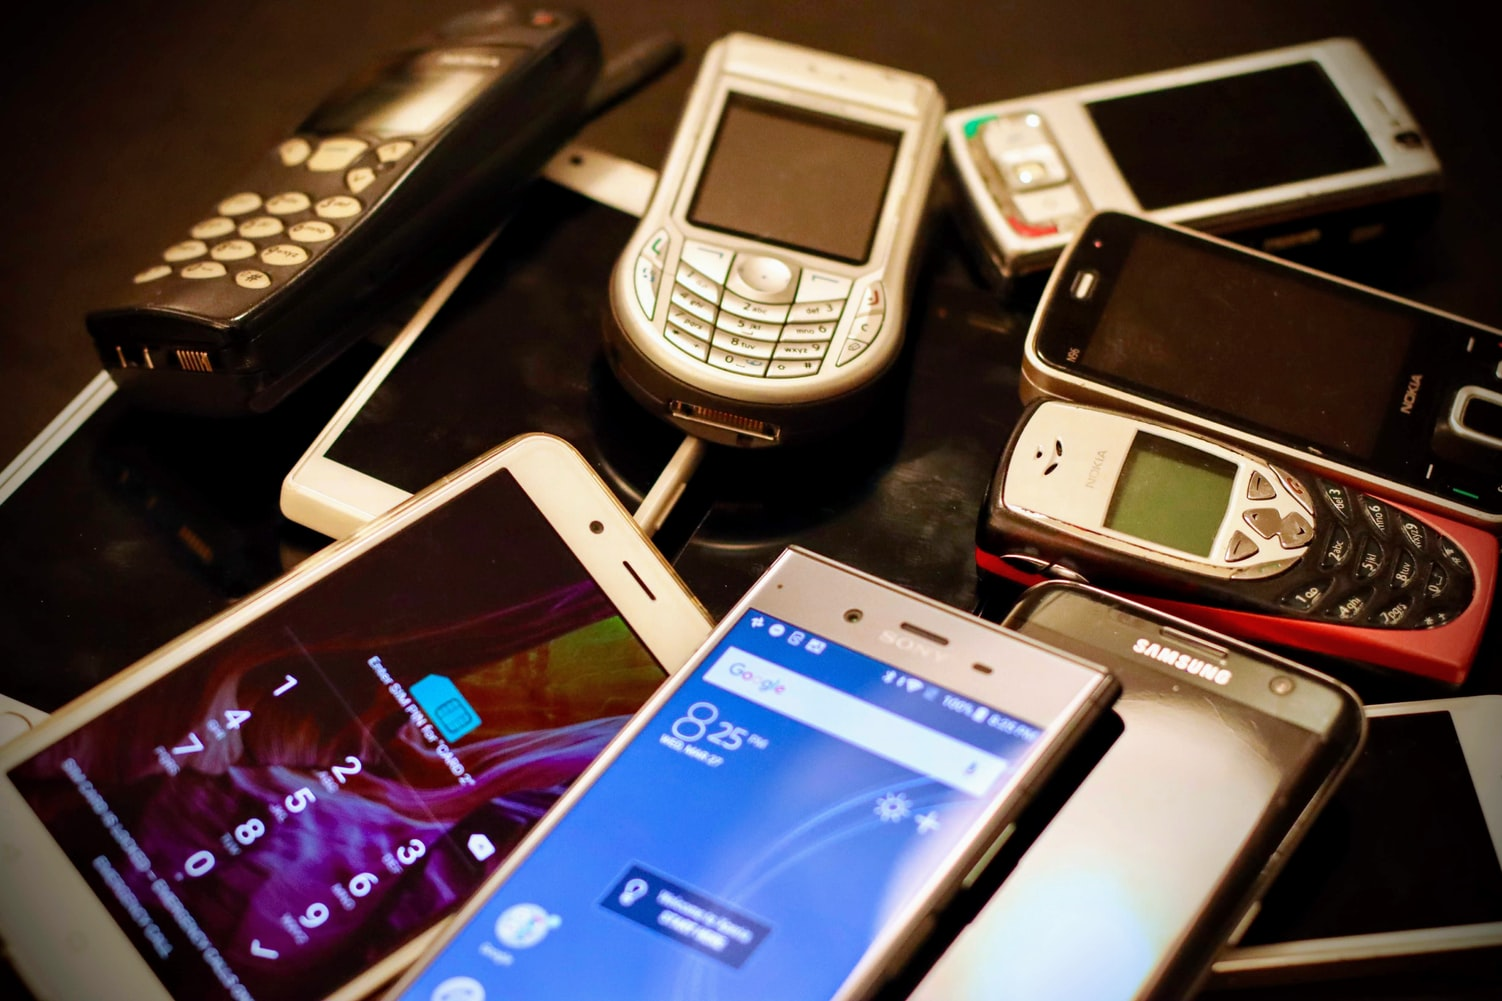 israel phone rentals